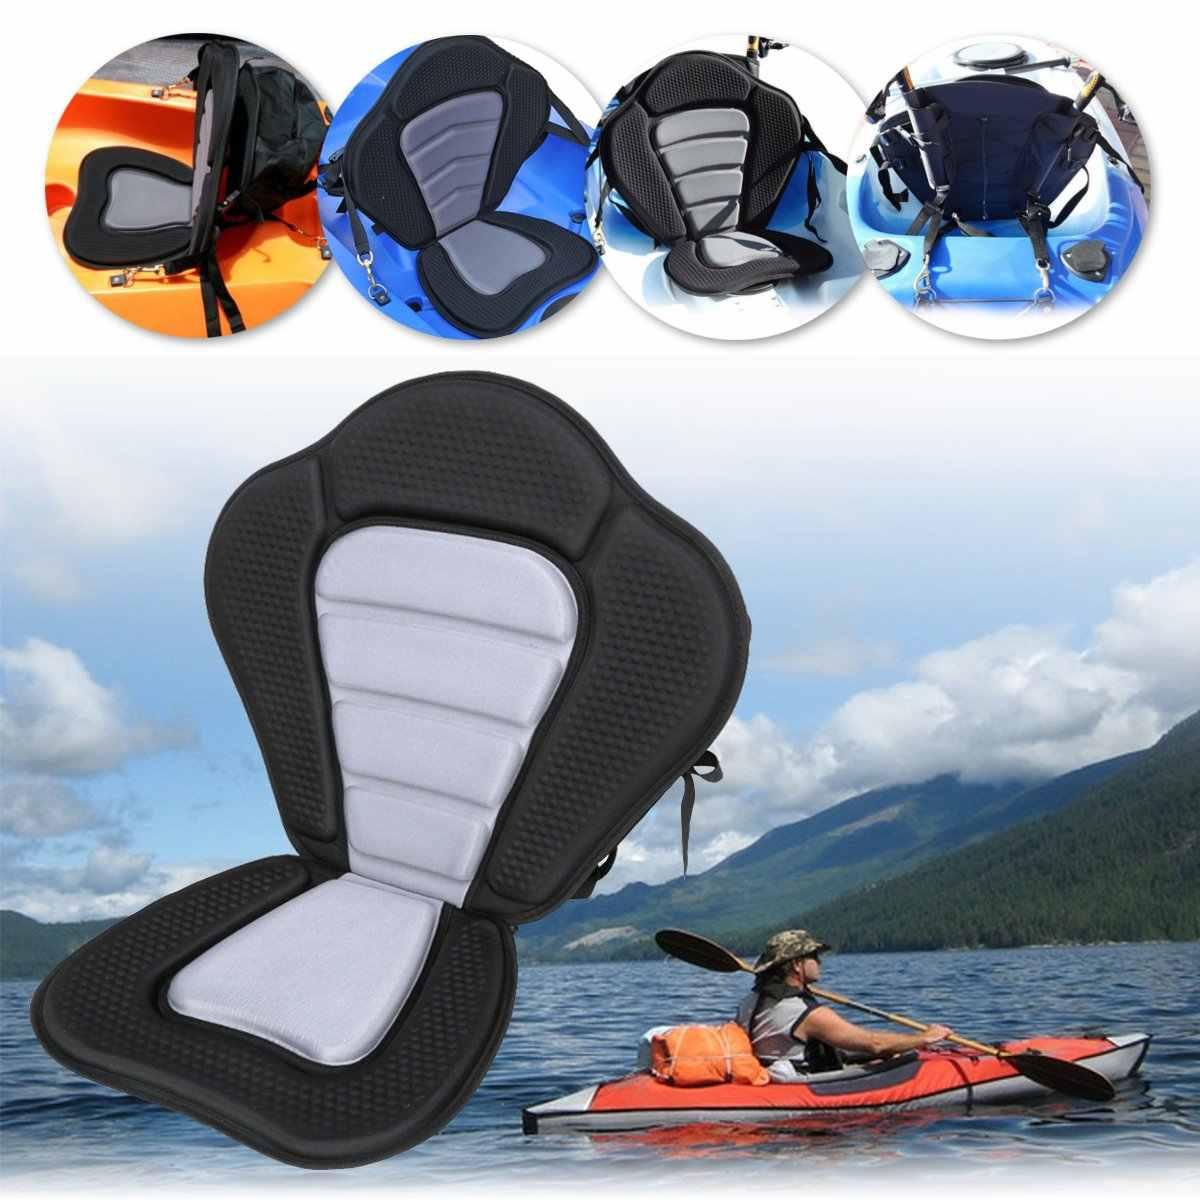 カヤッククッションデラックスパッド入りカヤック/ボートシートポータブル滑りパッド入りベース調節可能な高背もたれバッククッションカヌー